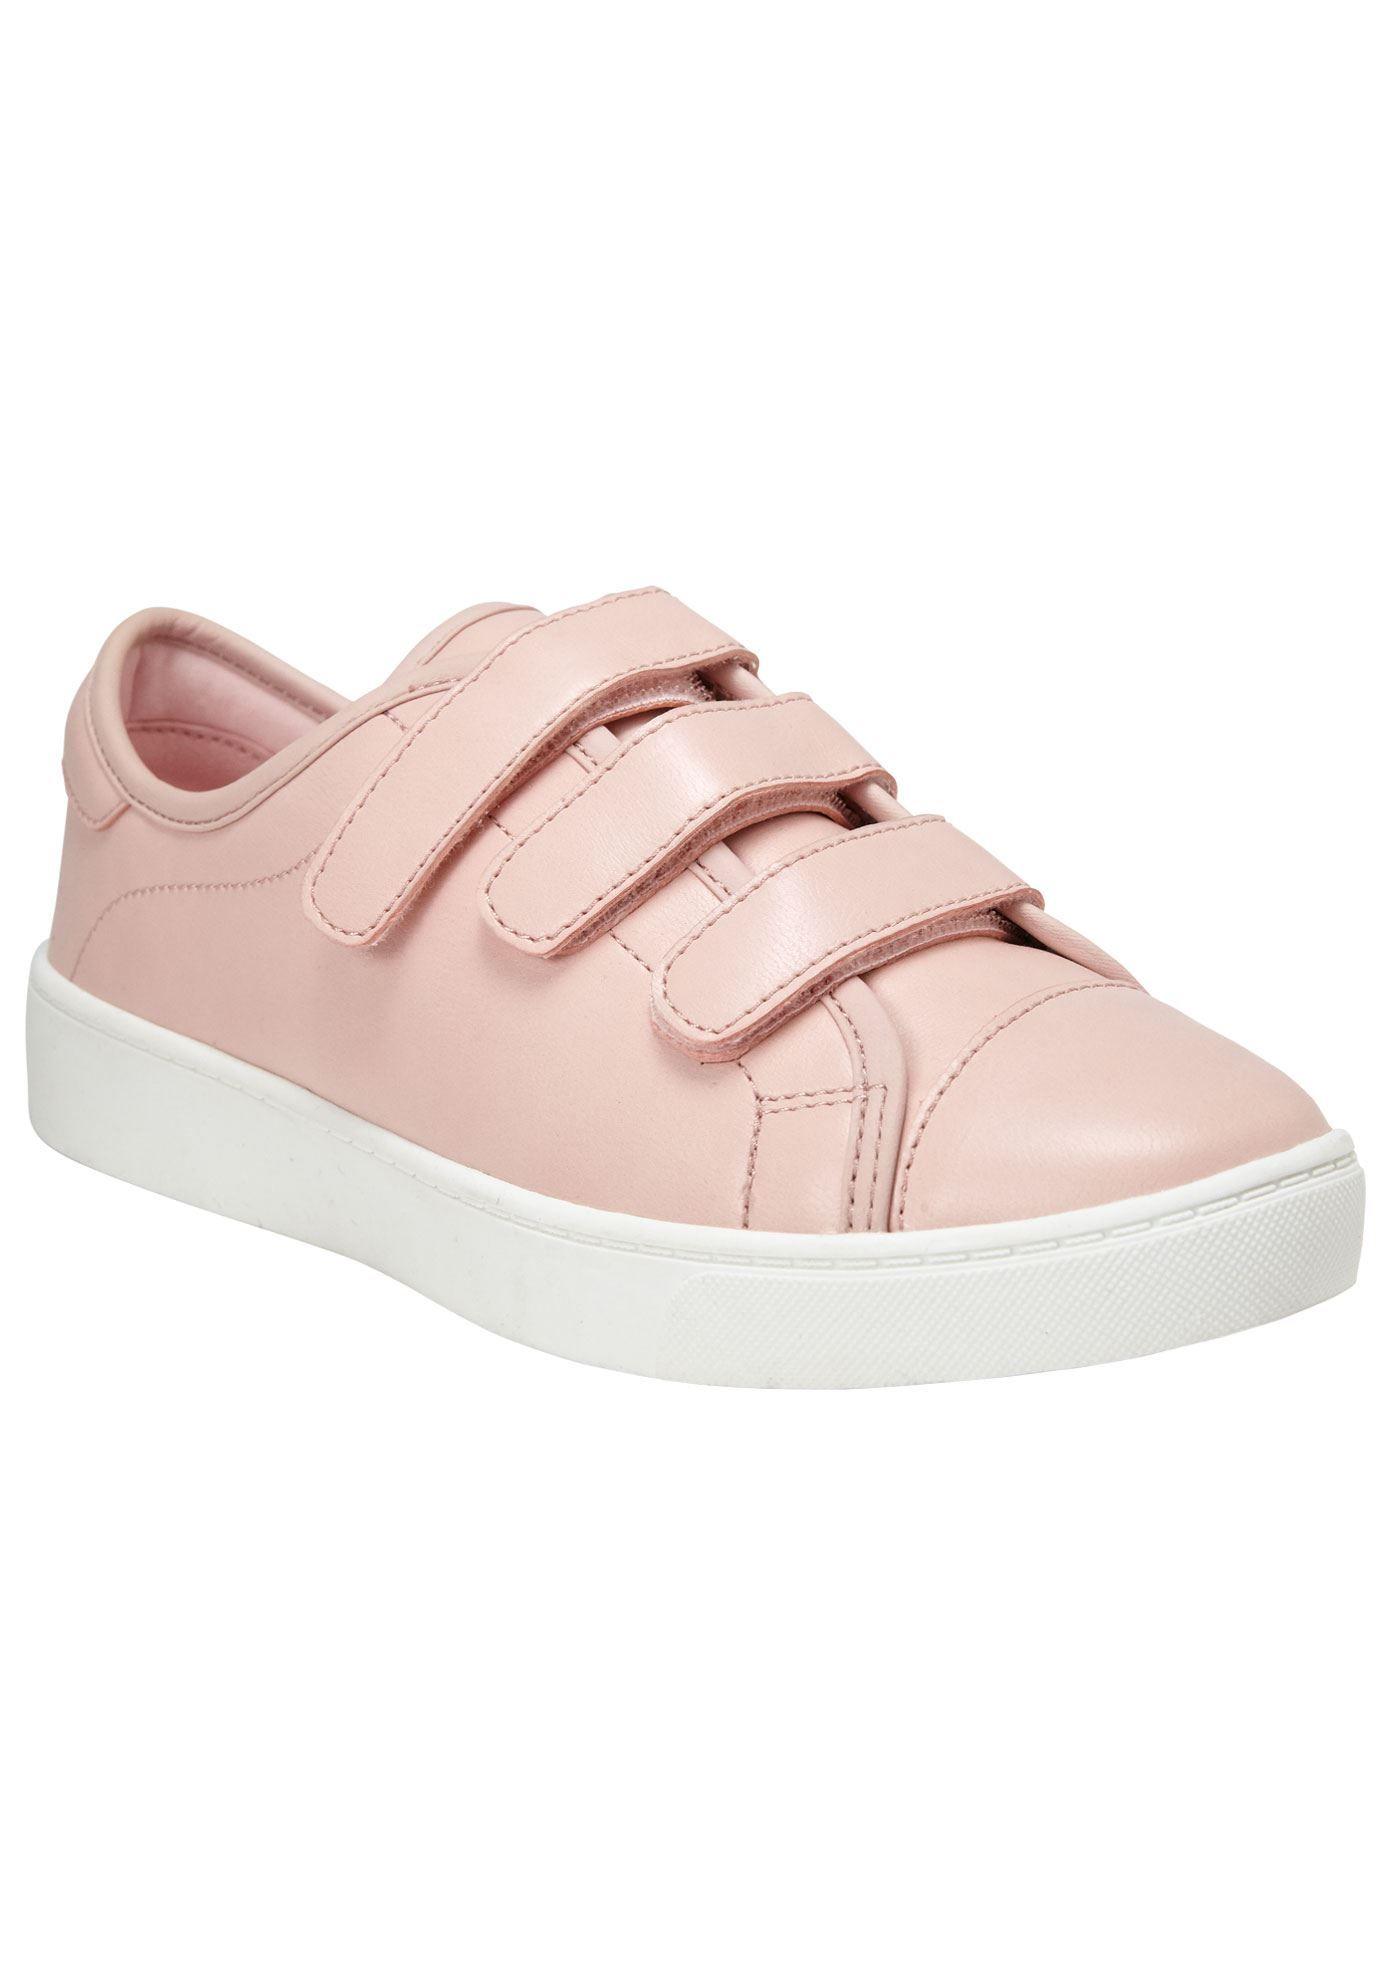 60bcfedd7b2 Oakley Sneaker by Comfortview - Women s Plus Size Clothing